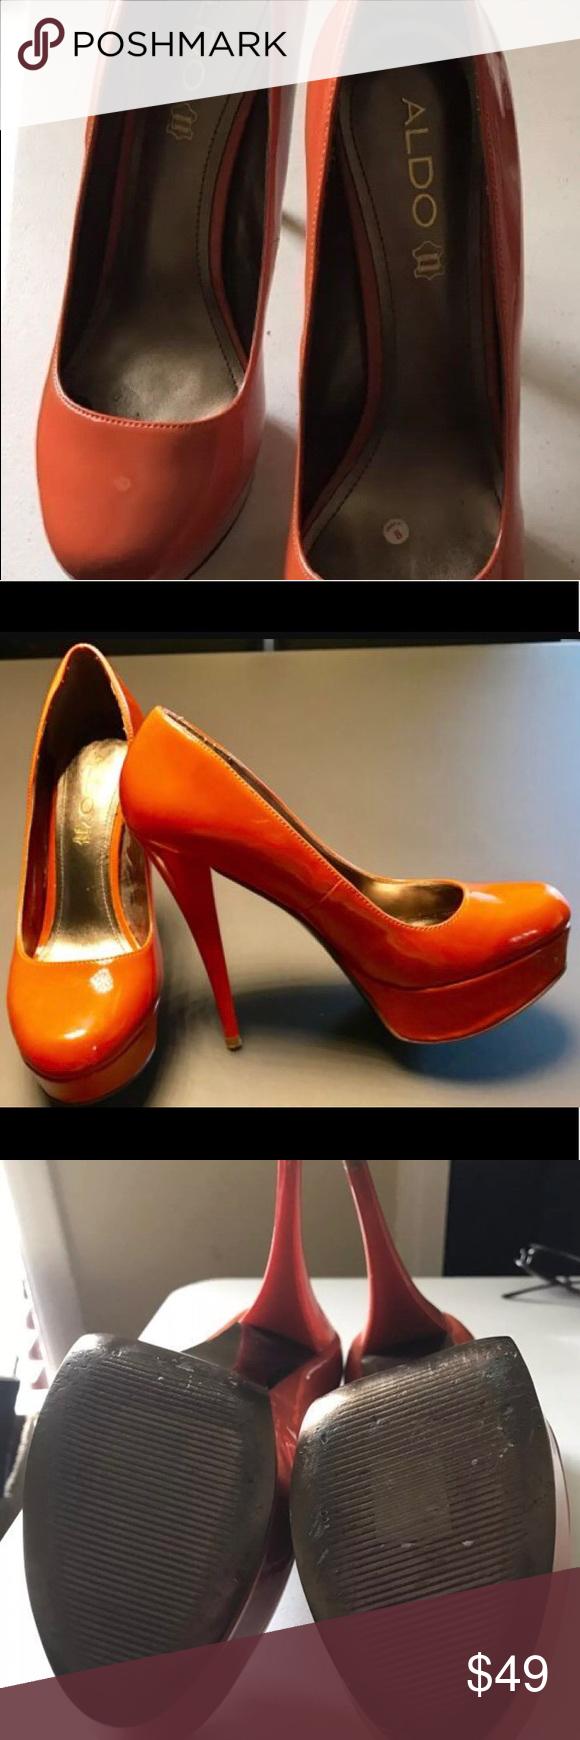 Aldo Stiletto True Orange Adlo Platforms Heels #Aldo True Orange #Patent #Leather  Platform